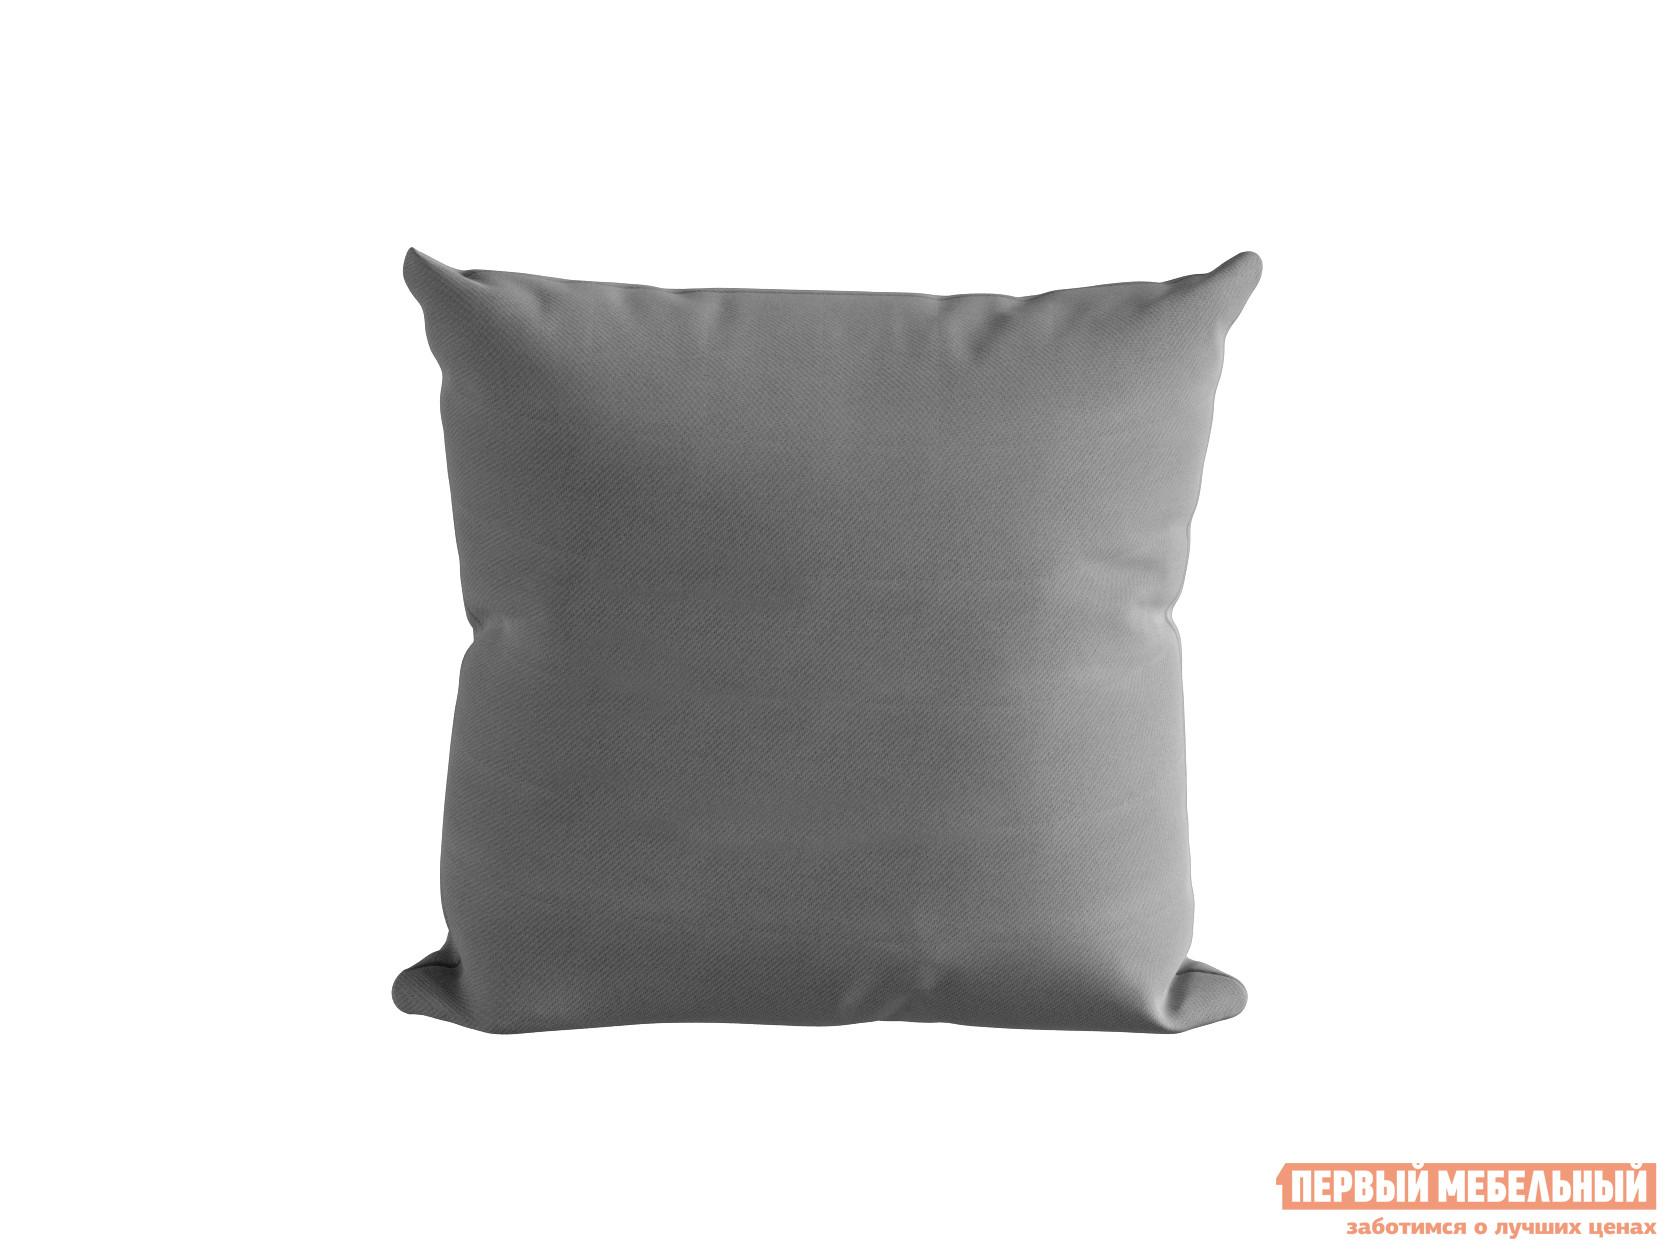 Декоративная подушка Первый Мебельный Подушка ШН(15), Размер 45х45 серый